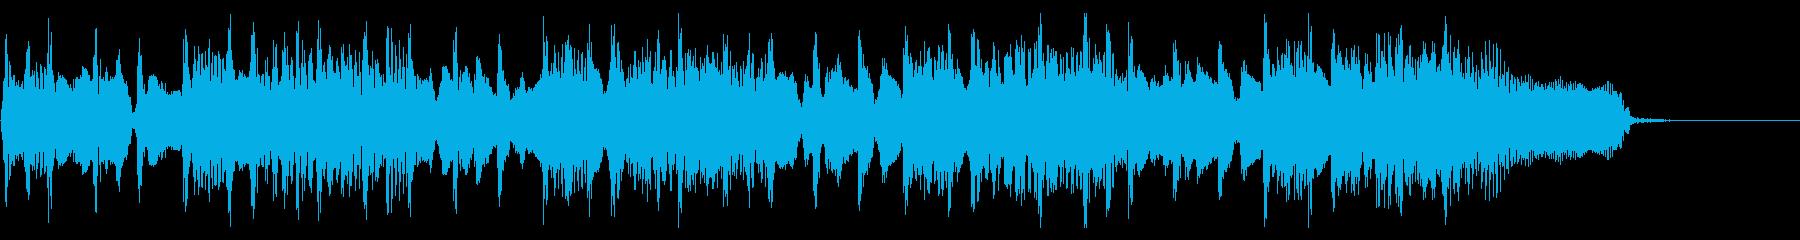 オープニング感あるロックジングルの再生済みの波形